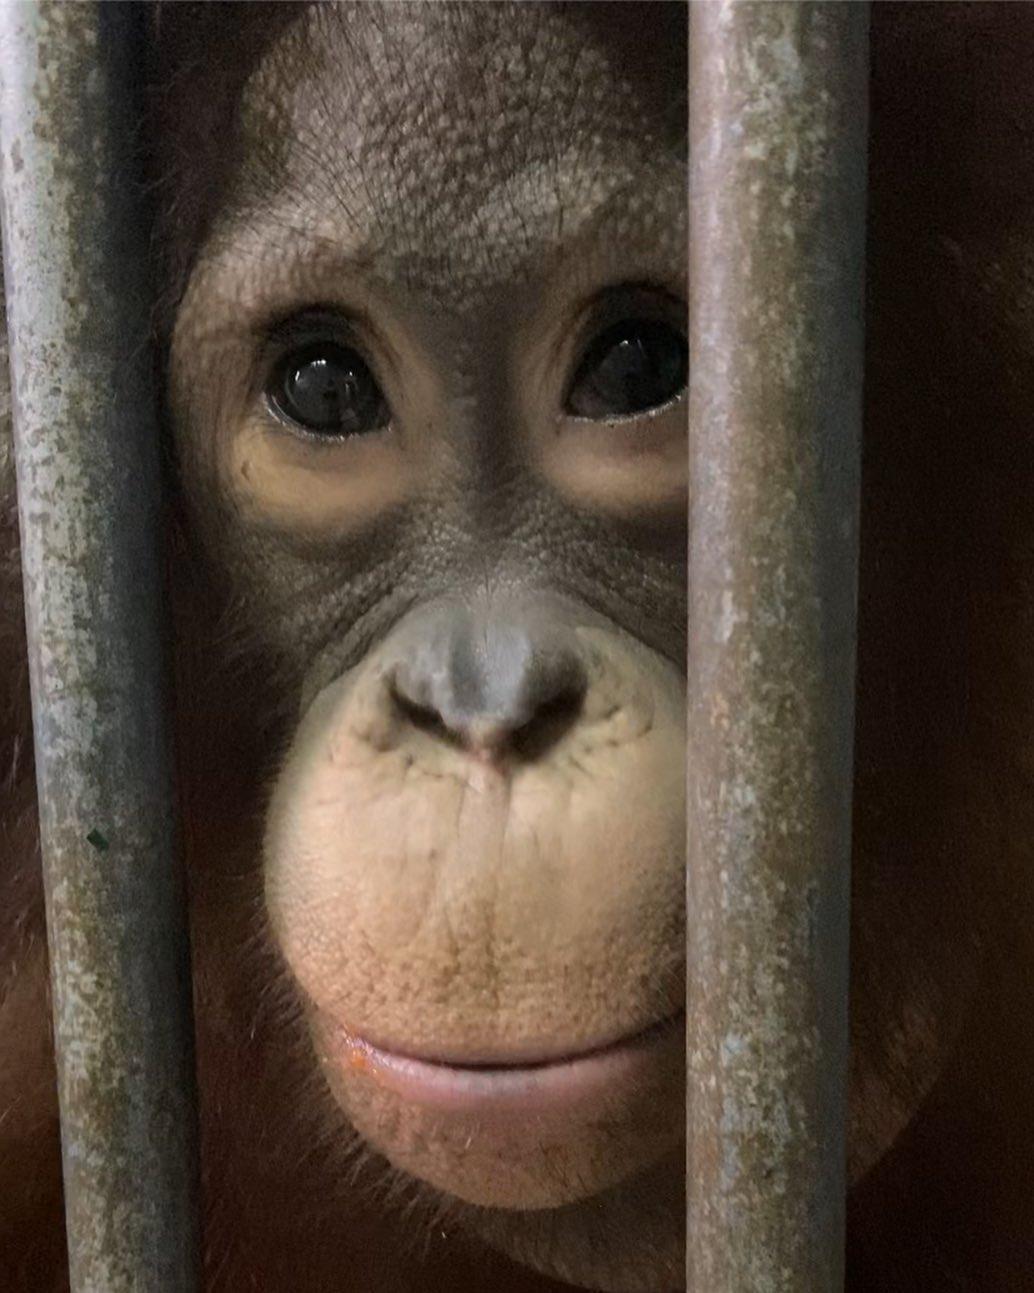 mono encerrado en jaula zoo crueldad animal